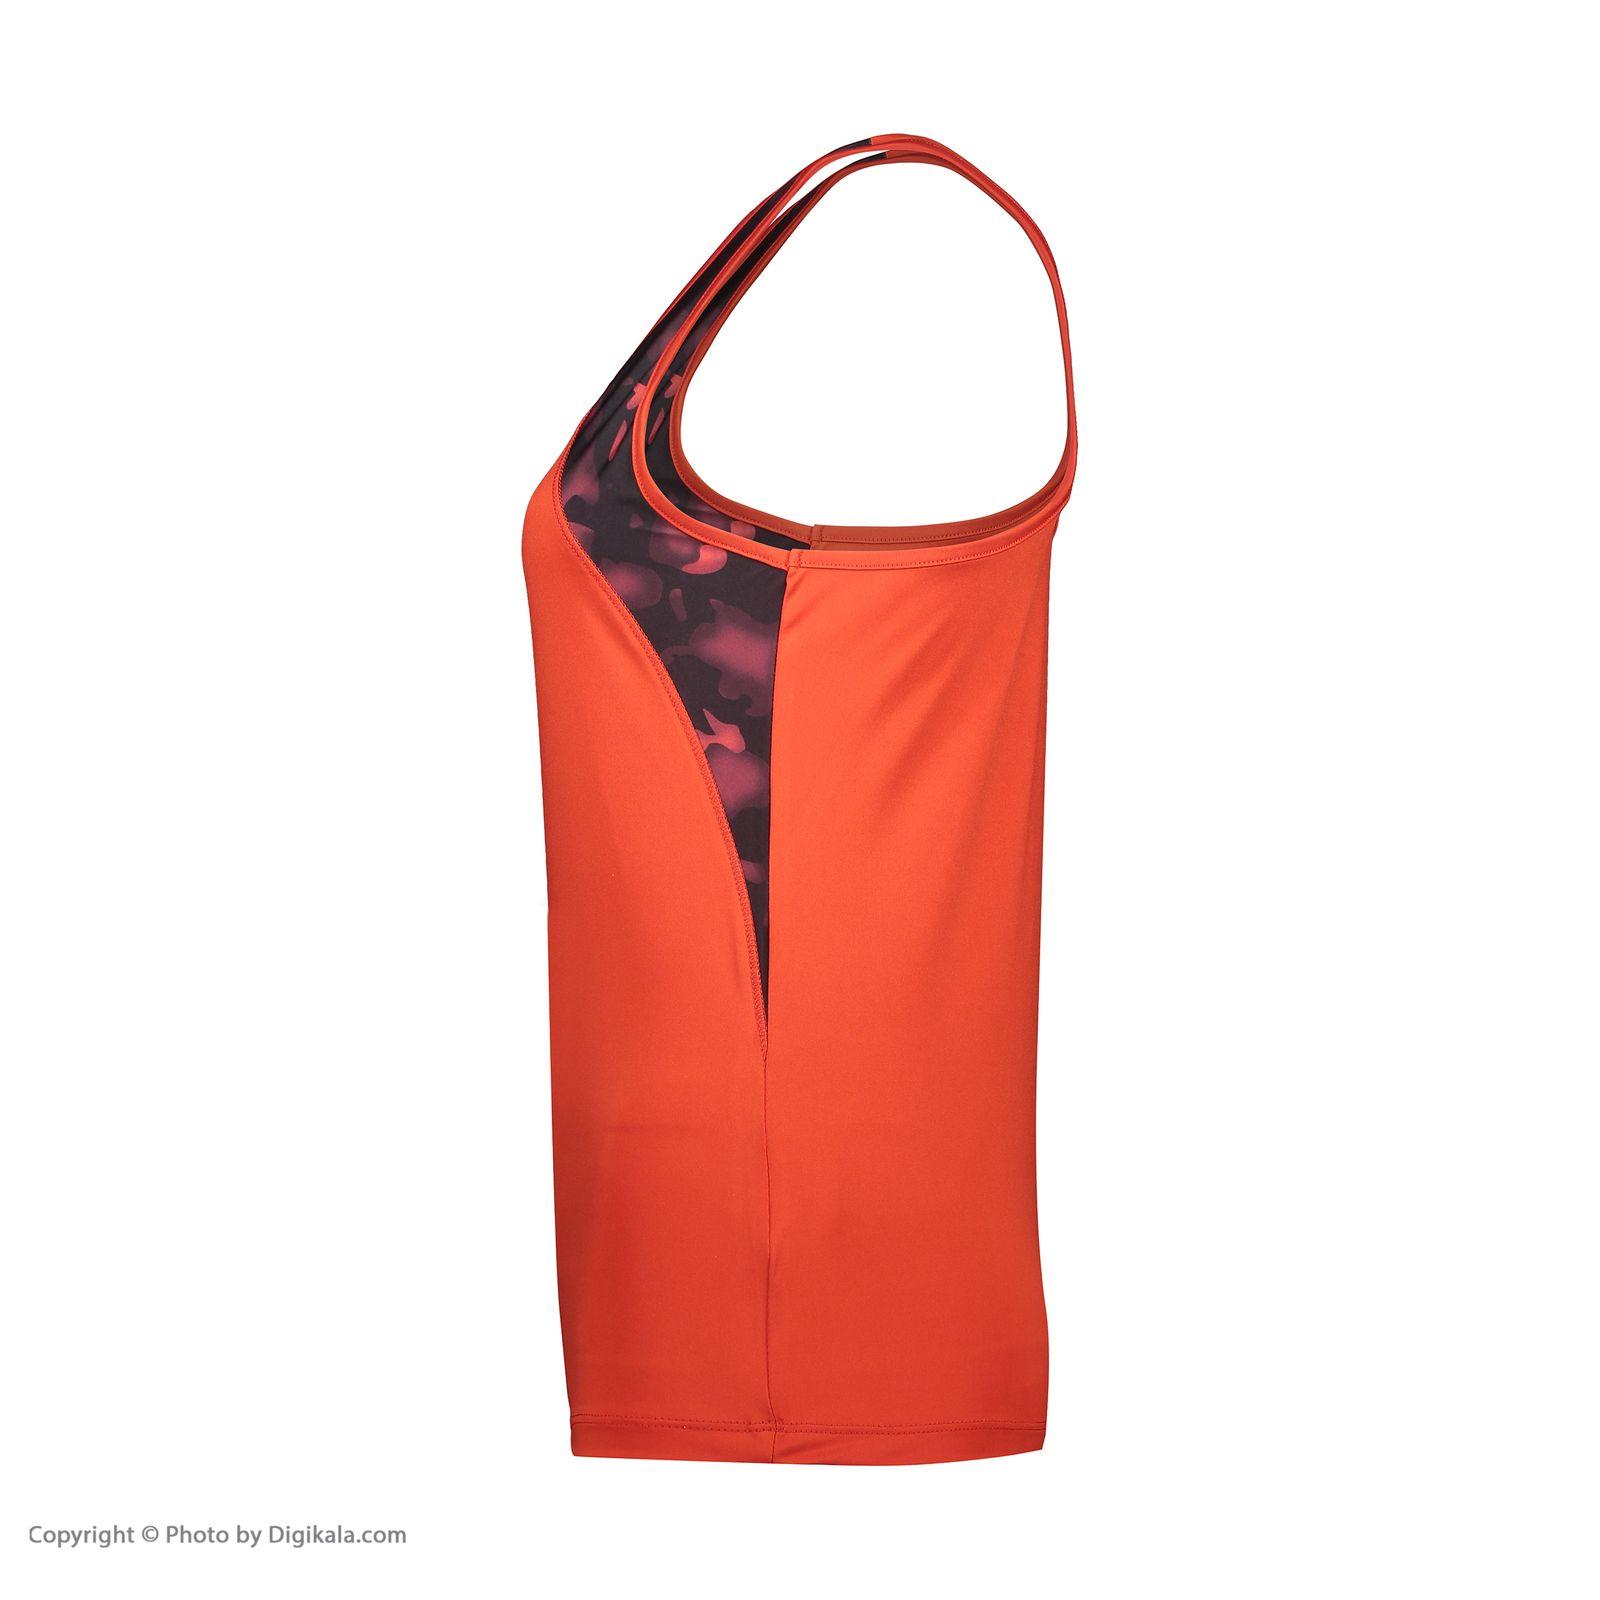 تاپ ورزشی زنانه هالیدی مدل 854902-red main 1 2